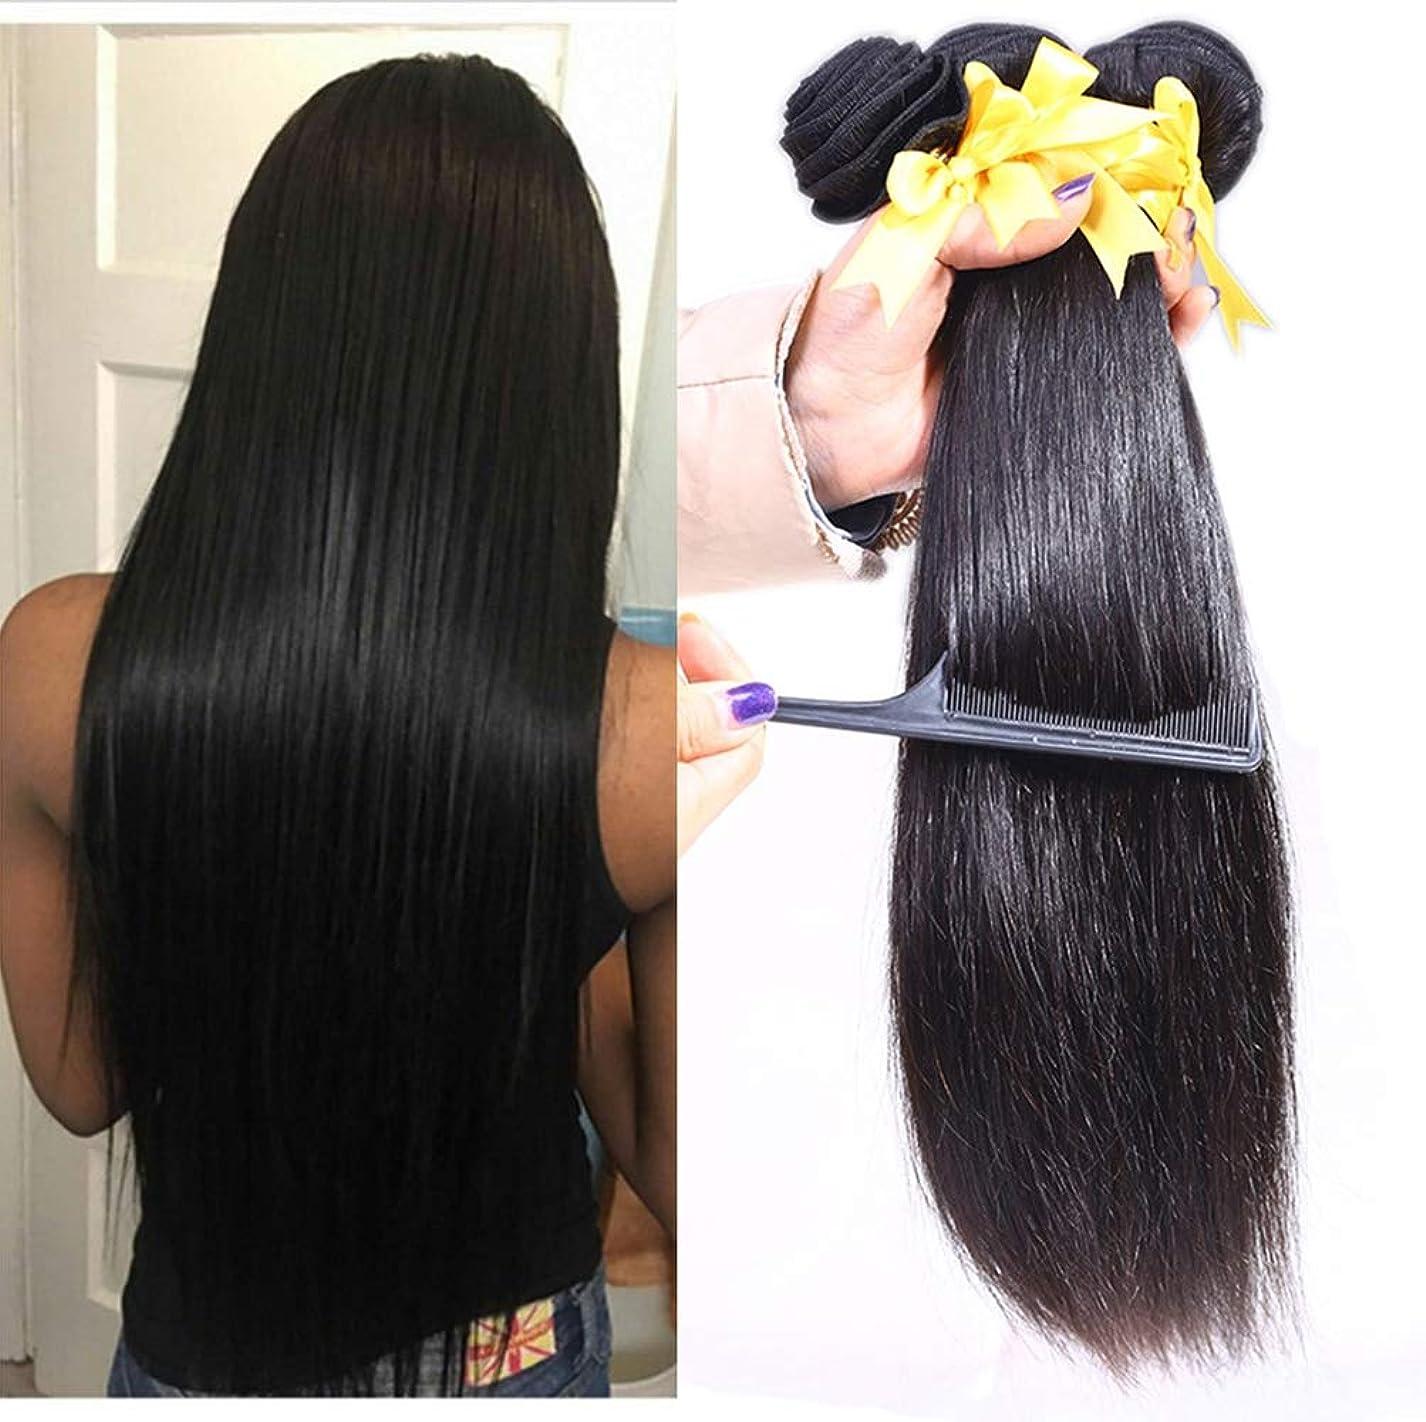 南方の免除する候補者女性150%密度バージンヘア1バンドルストレートヘア100%未処理の本物の人間の髪横糸ストレートヘアバンドル